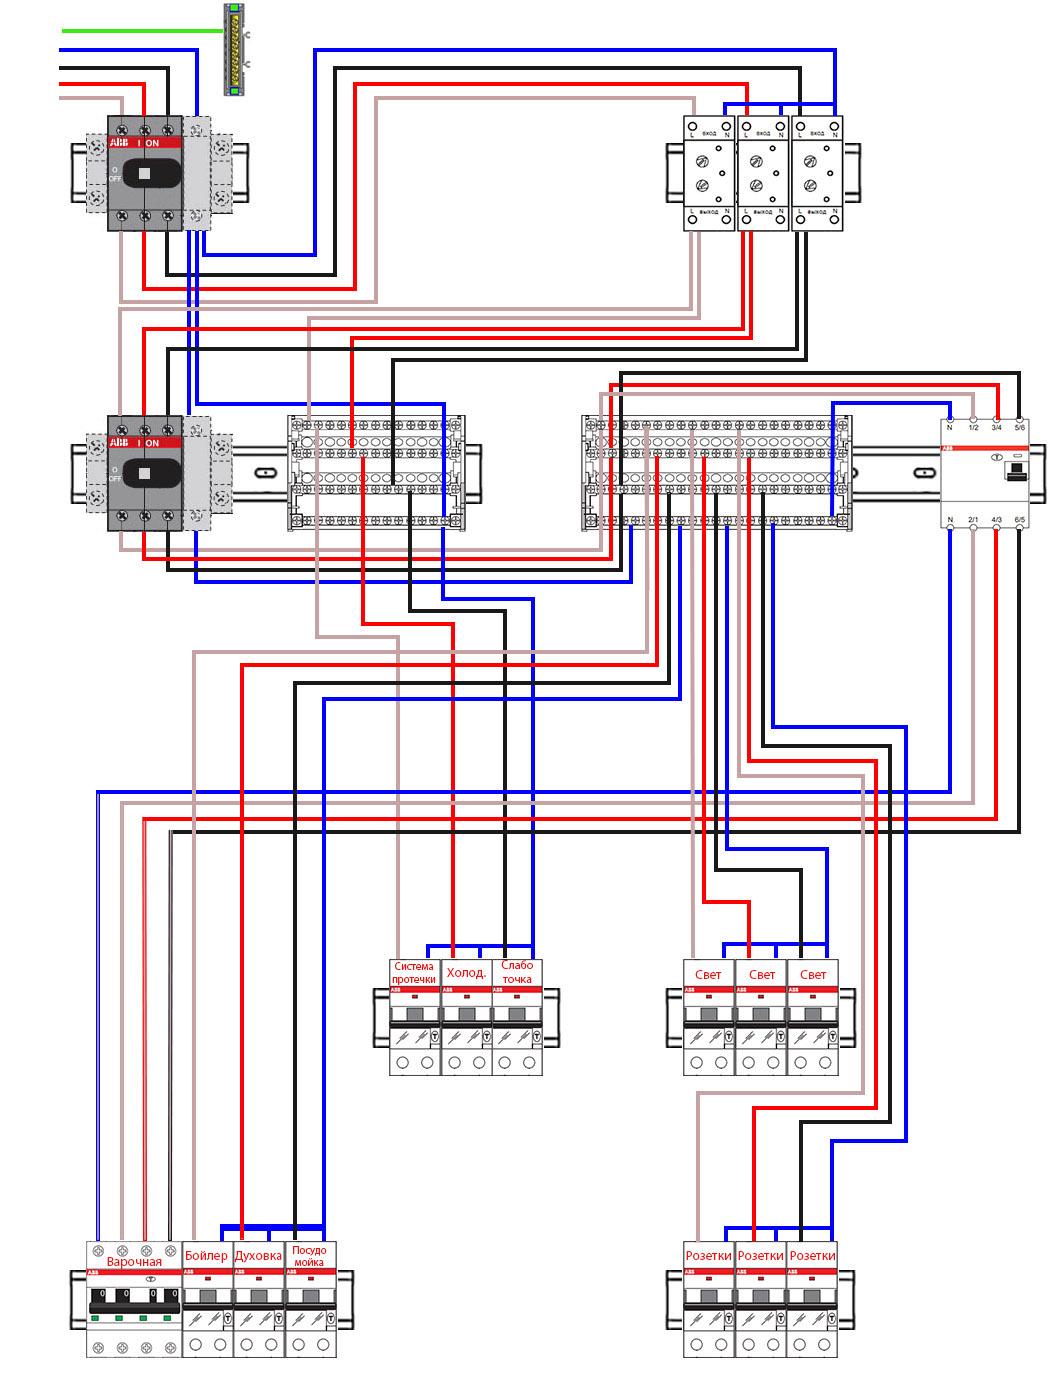 схема трехфазного распределительного электрощитка на диффавтоматах для дома и квартиры